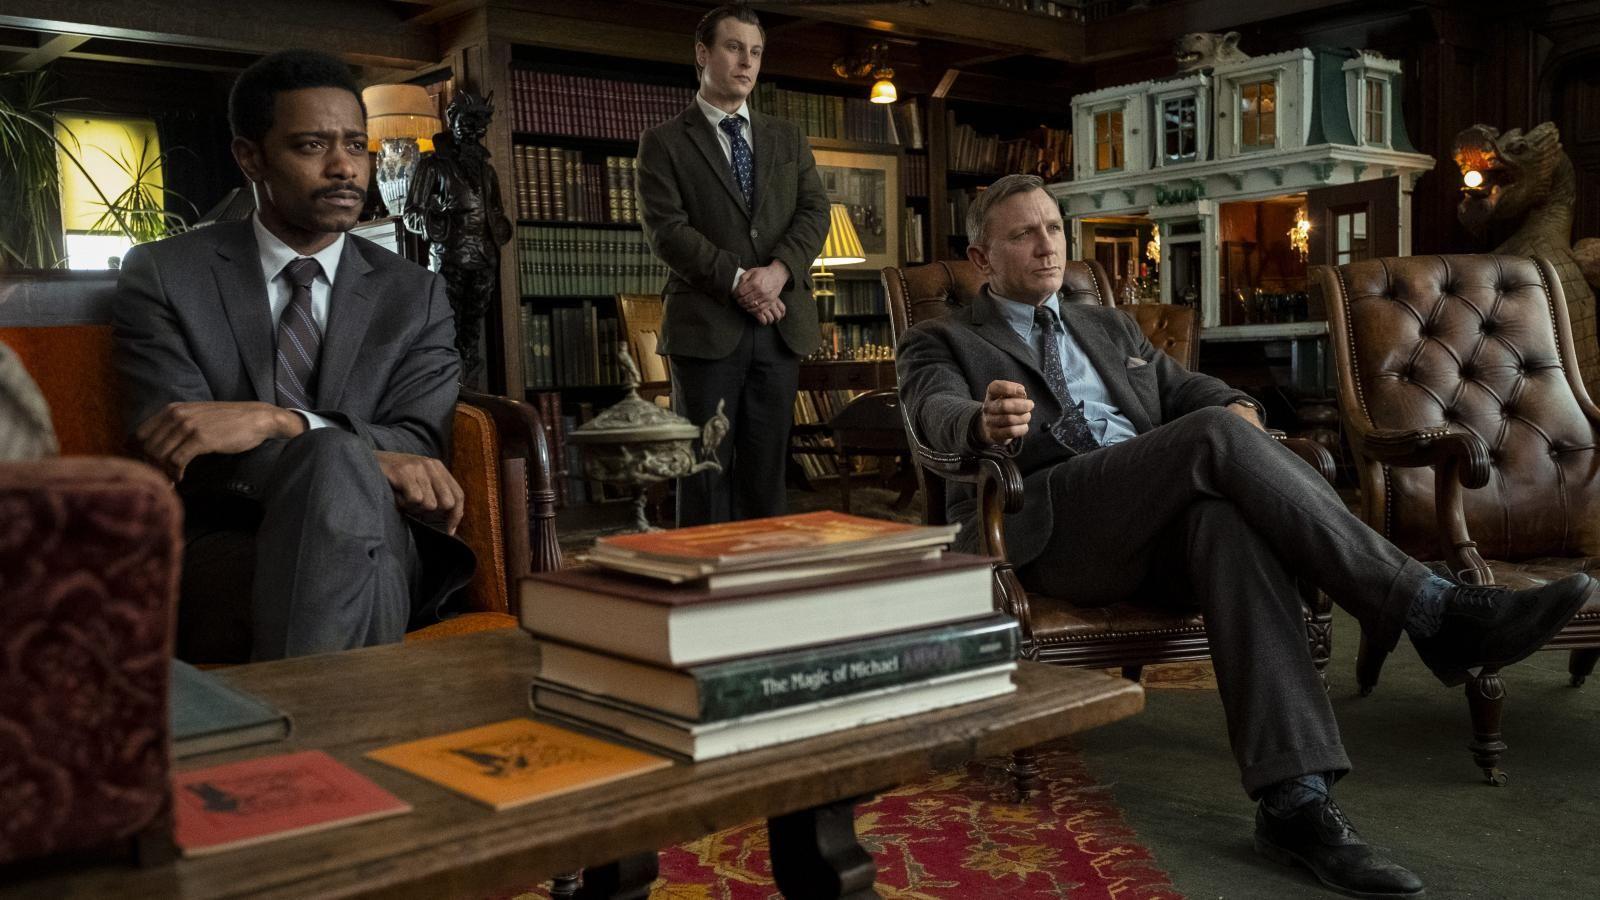 Recenzia: Knives Out je dokonalou detektívnou zábavou s premyslenými zvratmi a úžasnými hercami